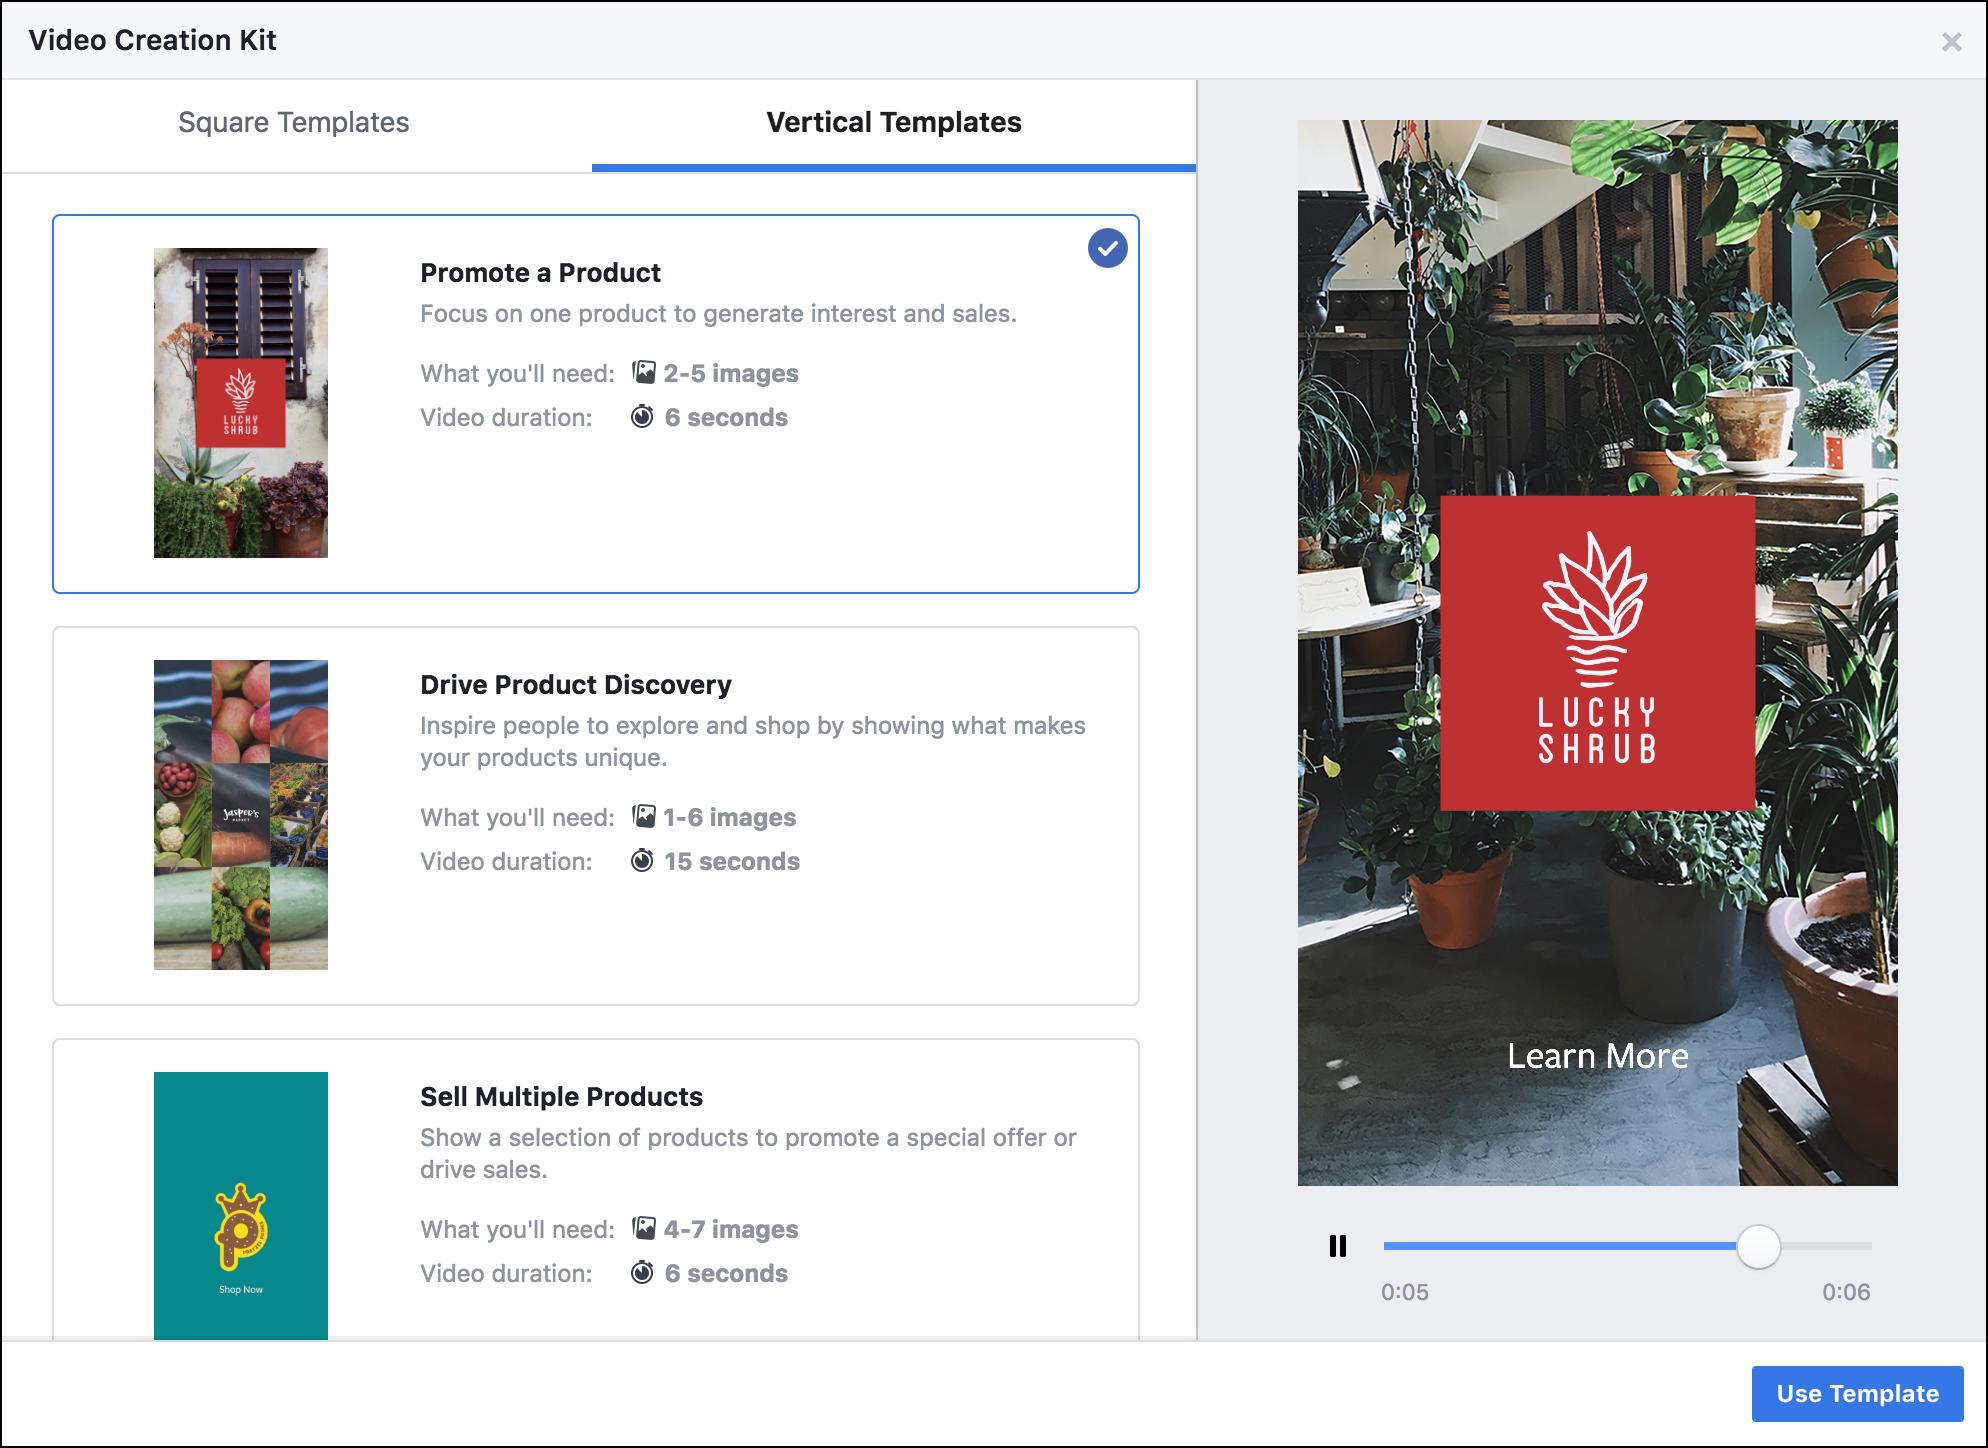 Video Creation Kit поможет создавать простые рекламные ролики в Facebook